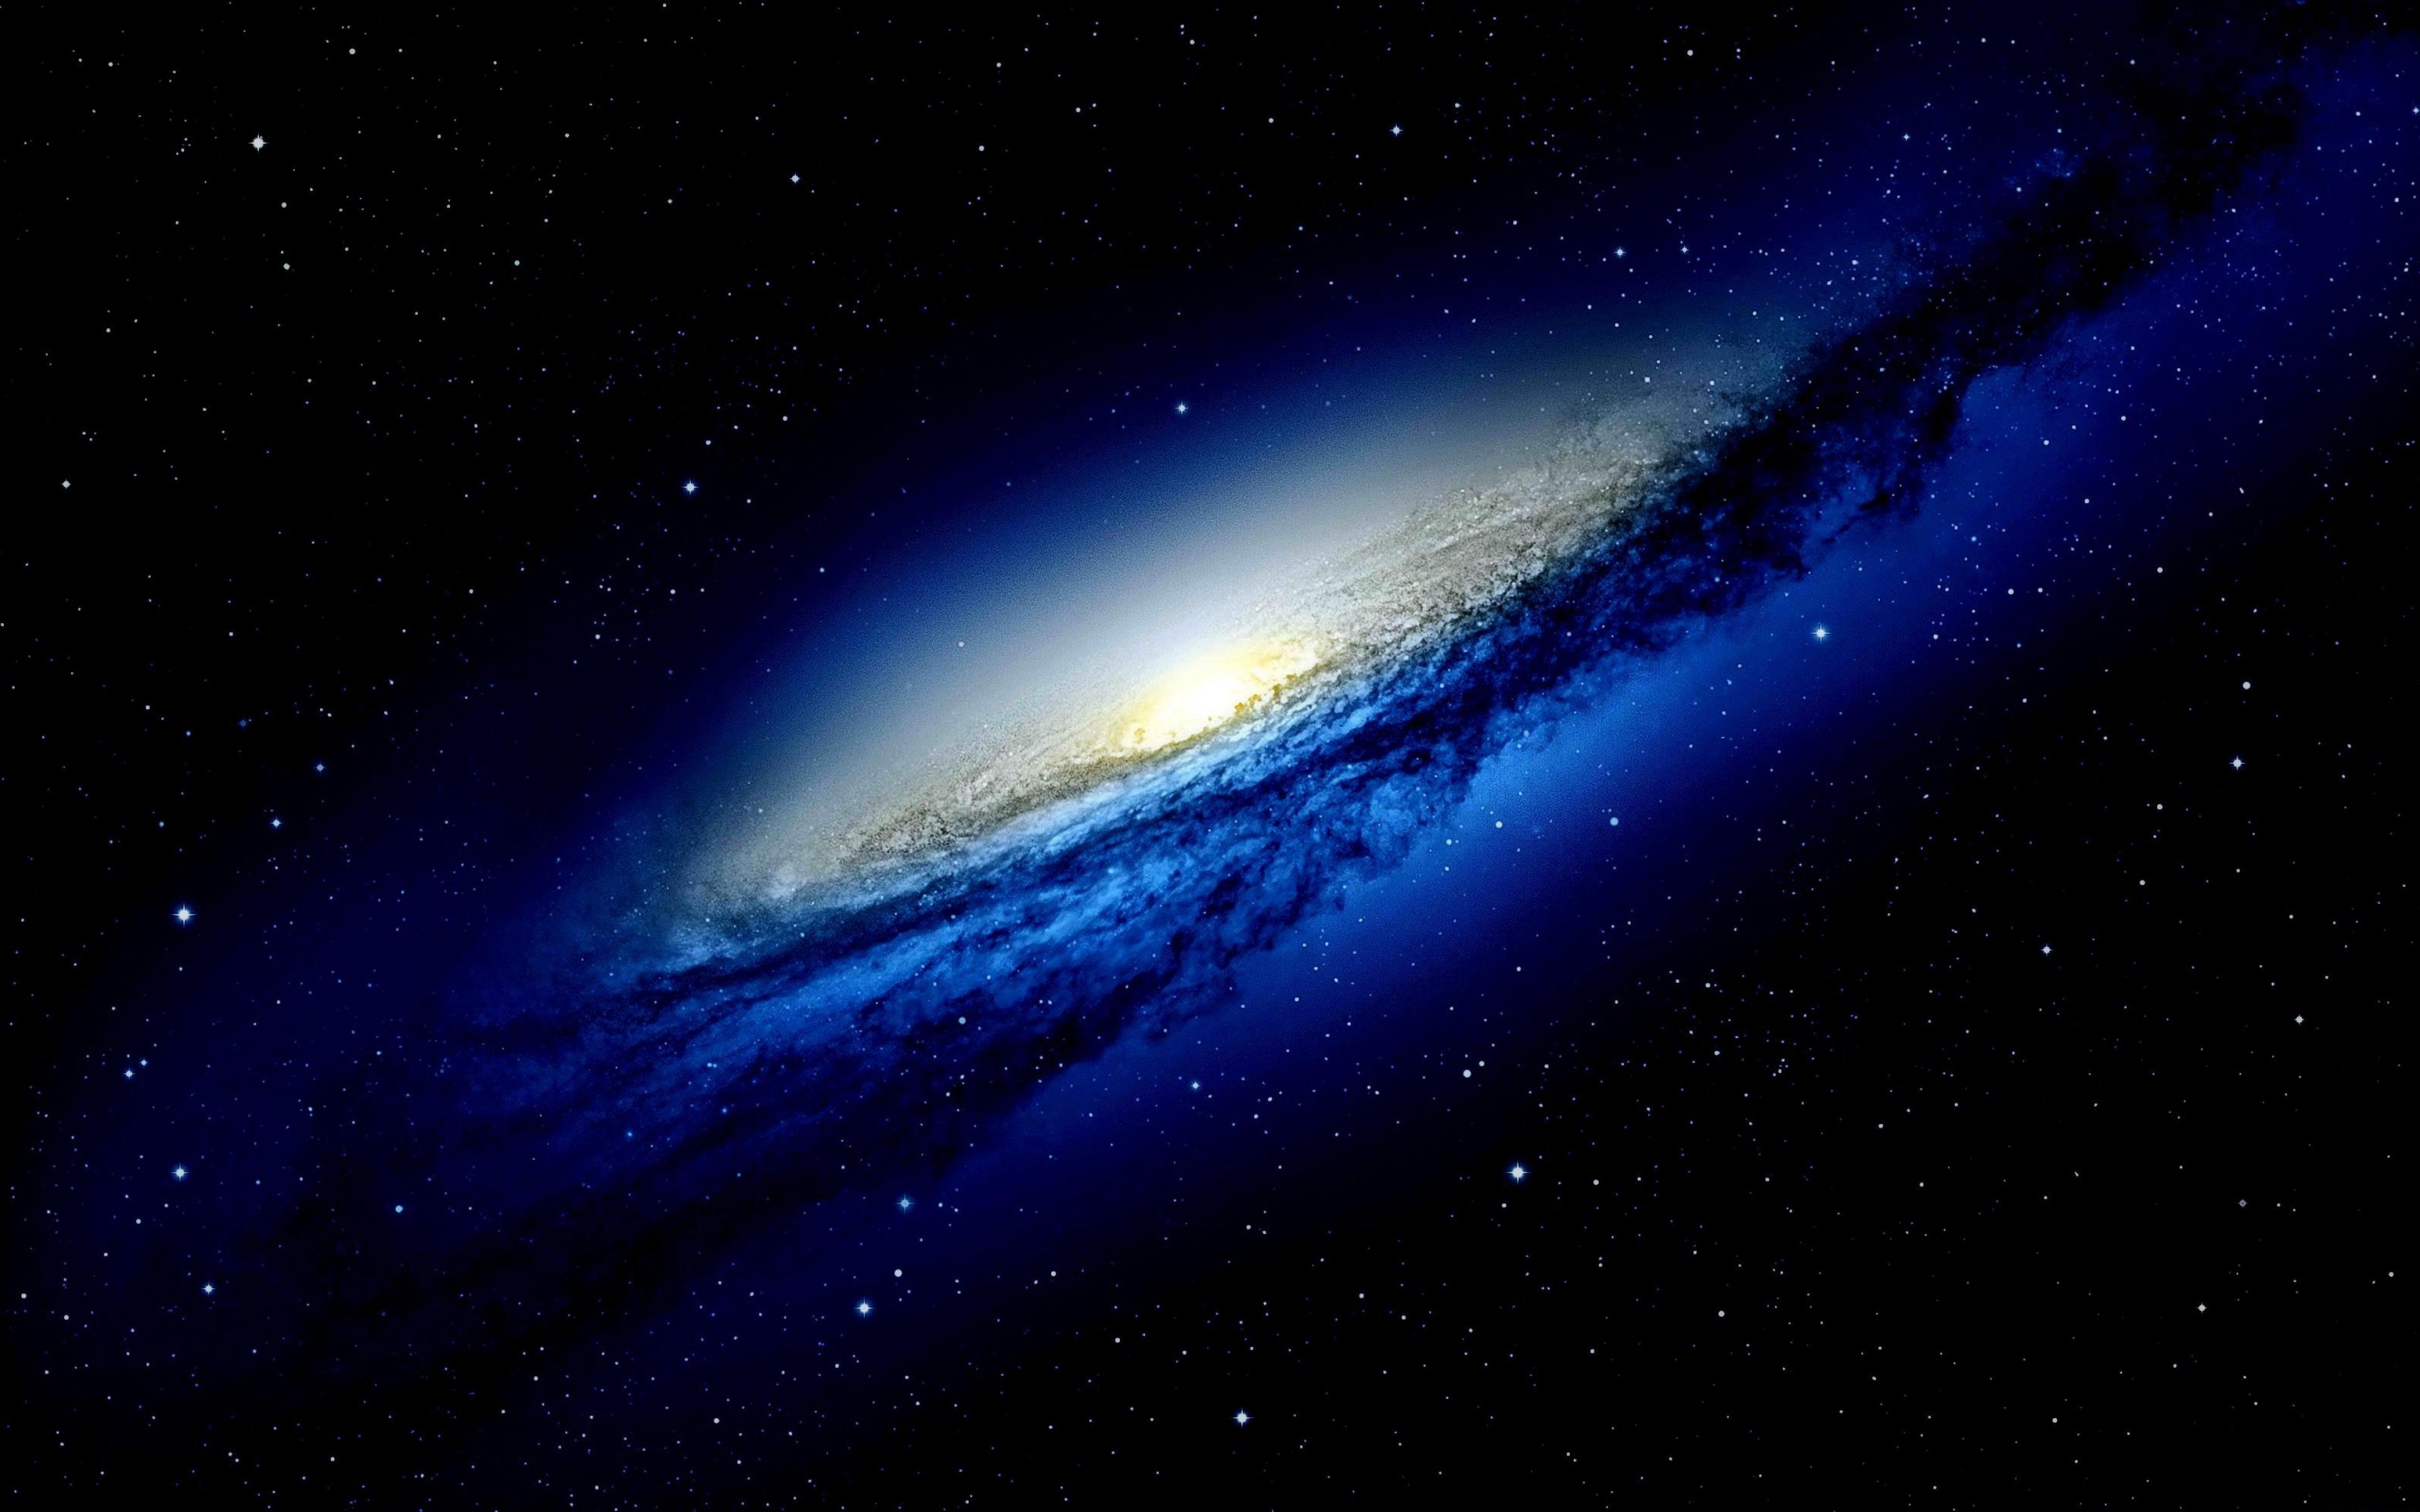 ultra high resolution nebula wallpaper - photo #22